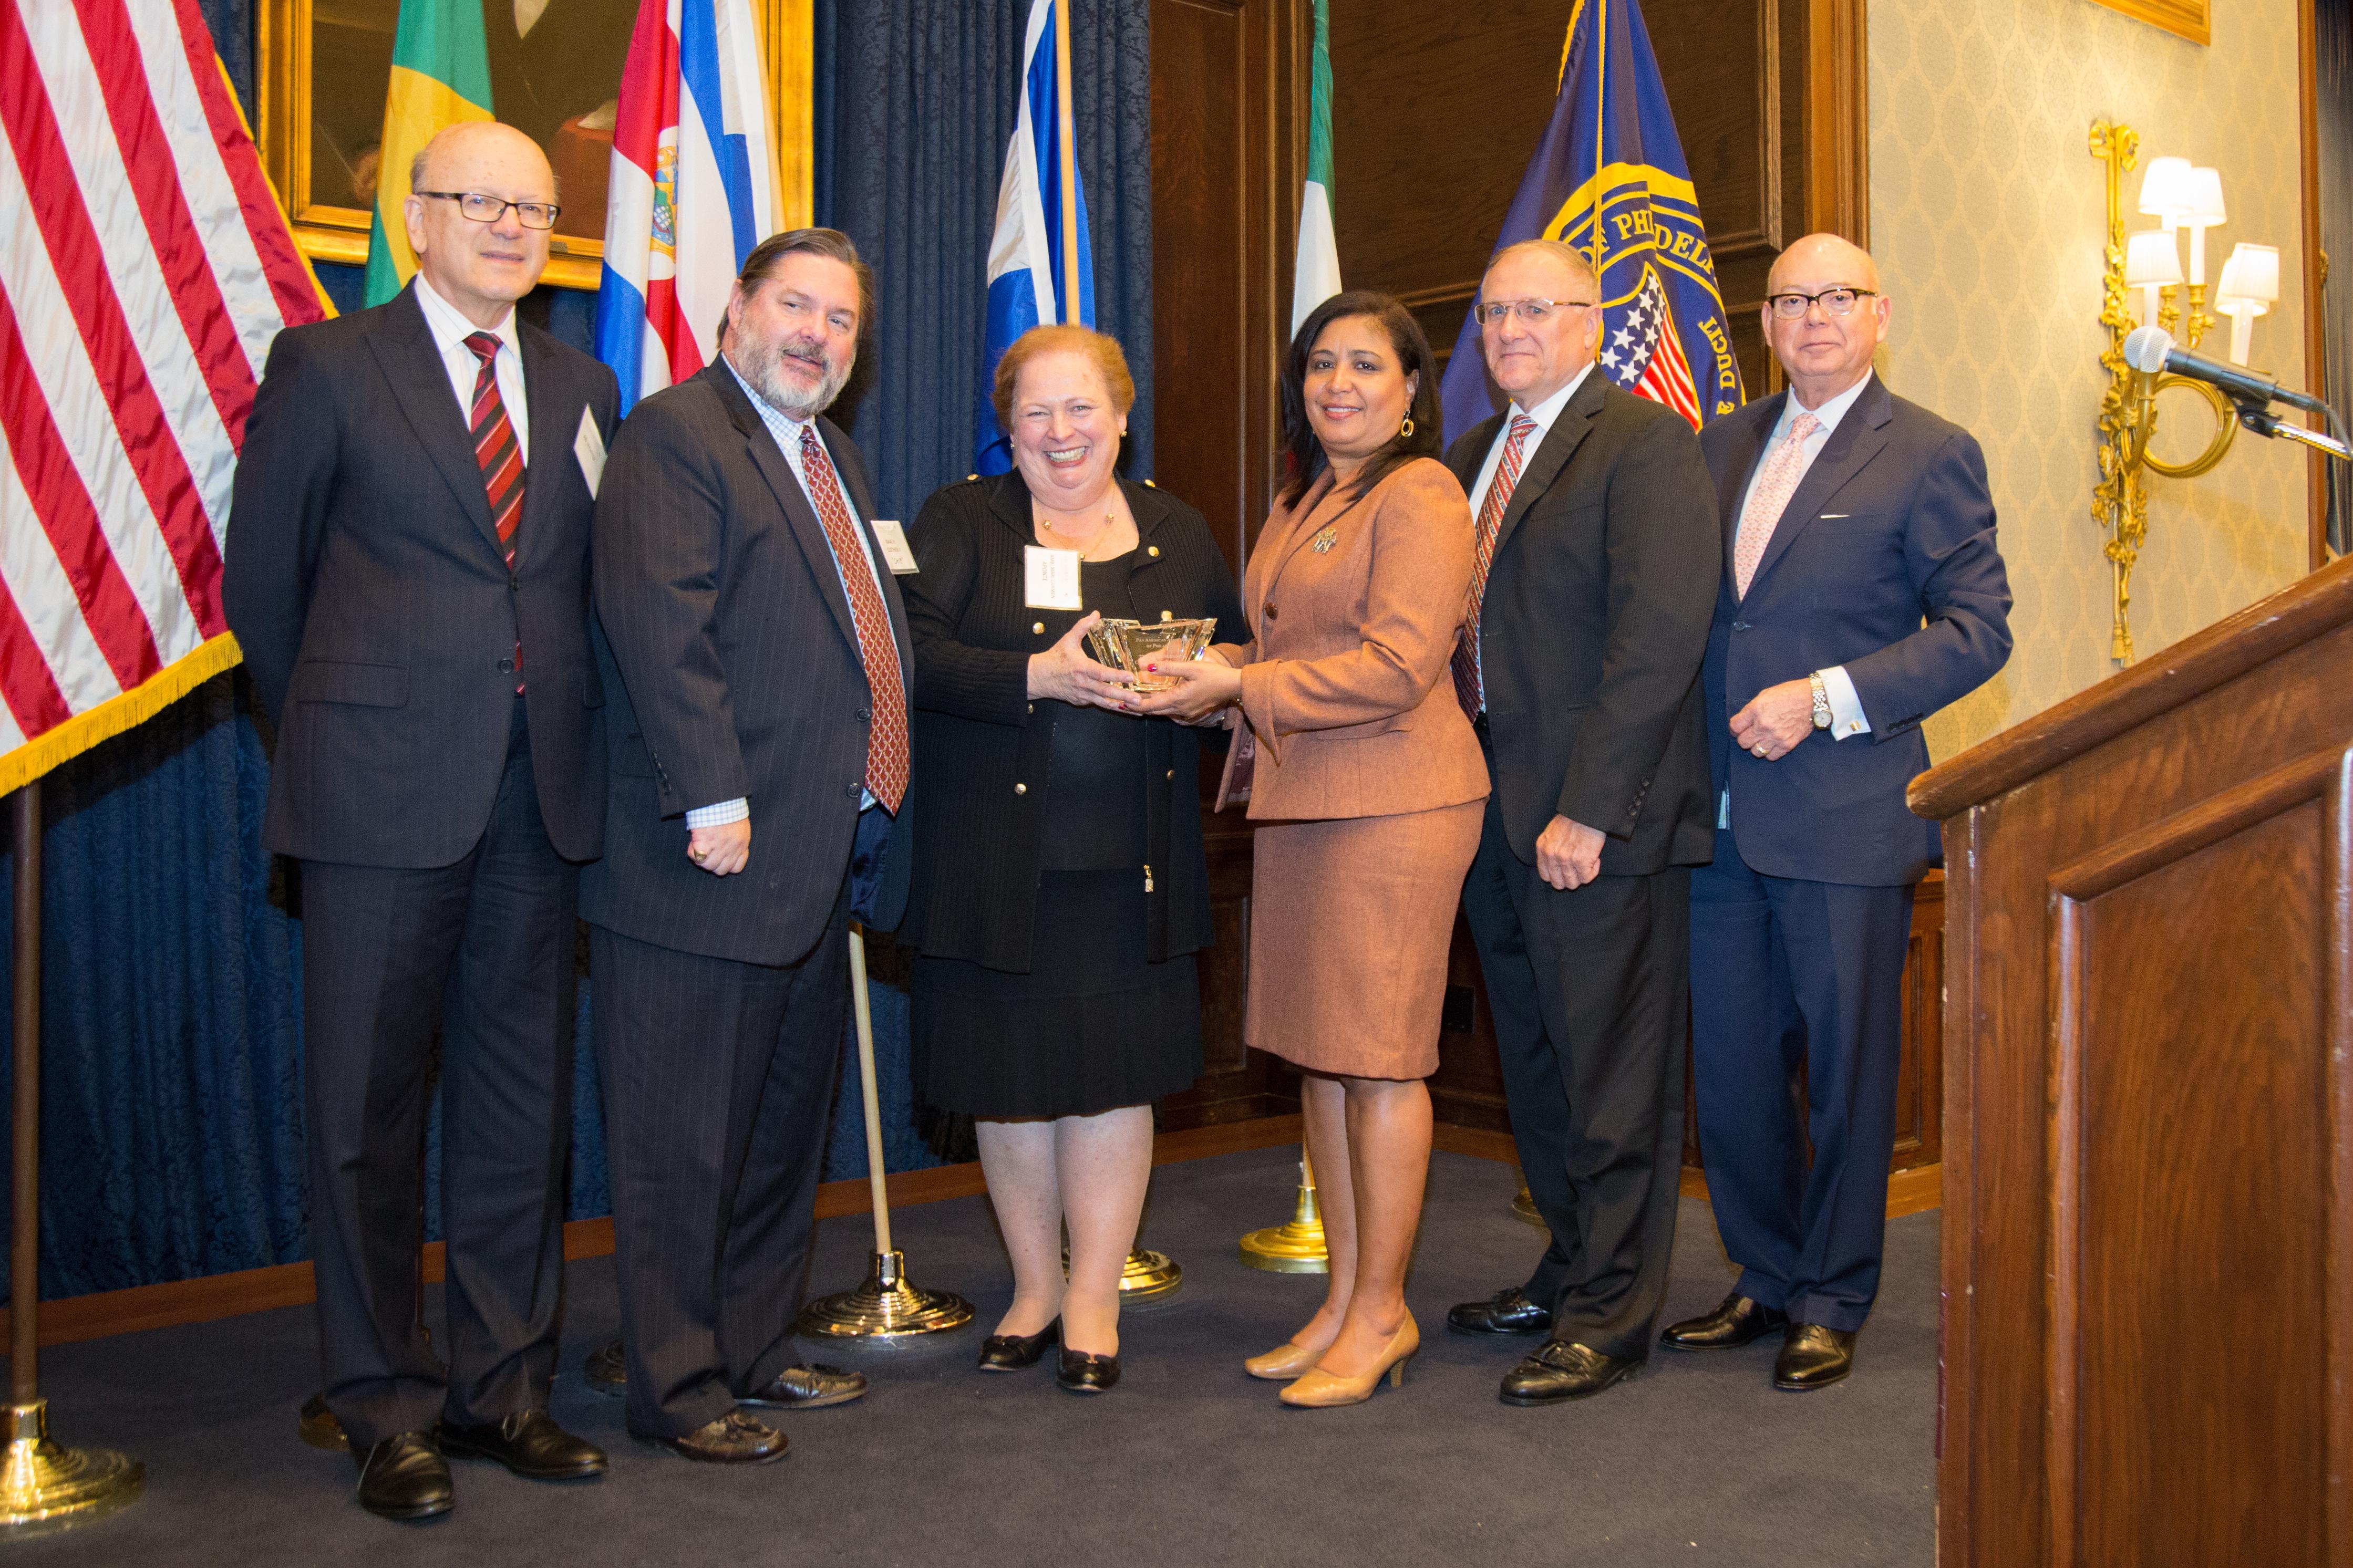 Former Ambassador Mari Carmen Aponte received the William J. Clothier II Memorial Award